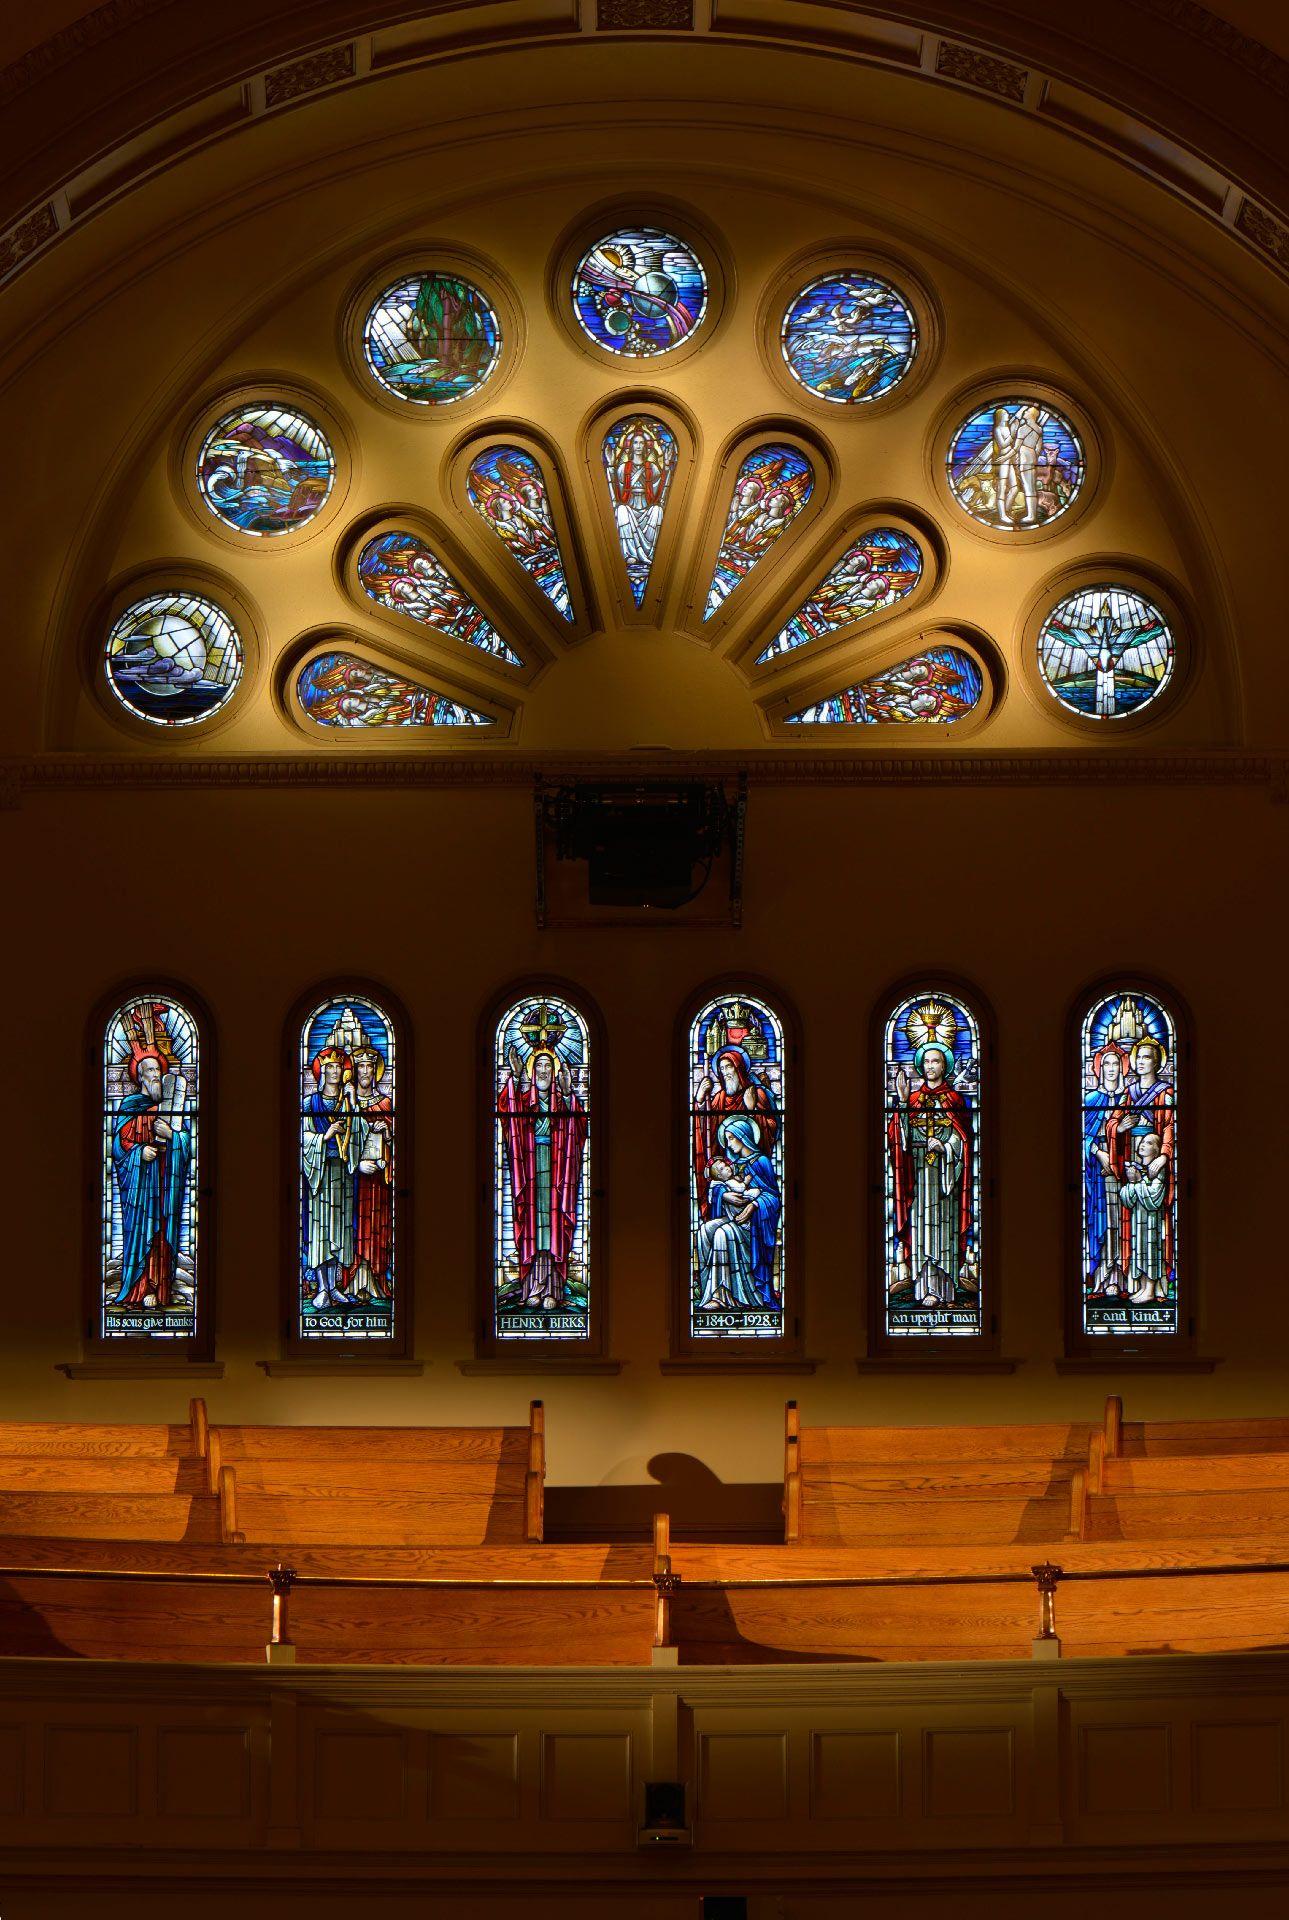 Rosace et six vitraux de Peter Haworth, retrouvés au balcon de la salle Bourgie